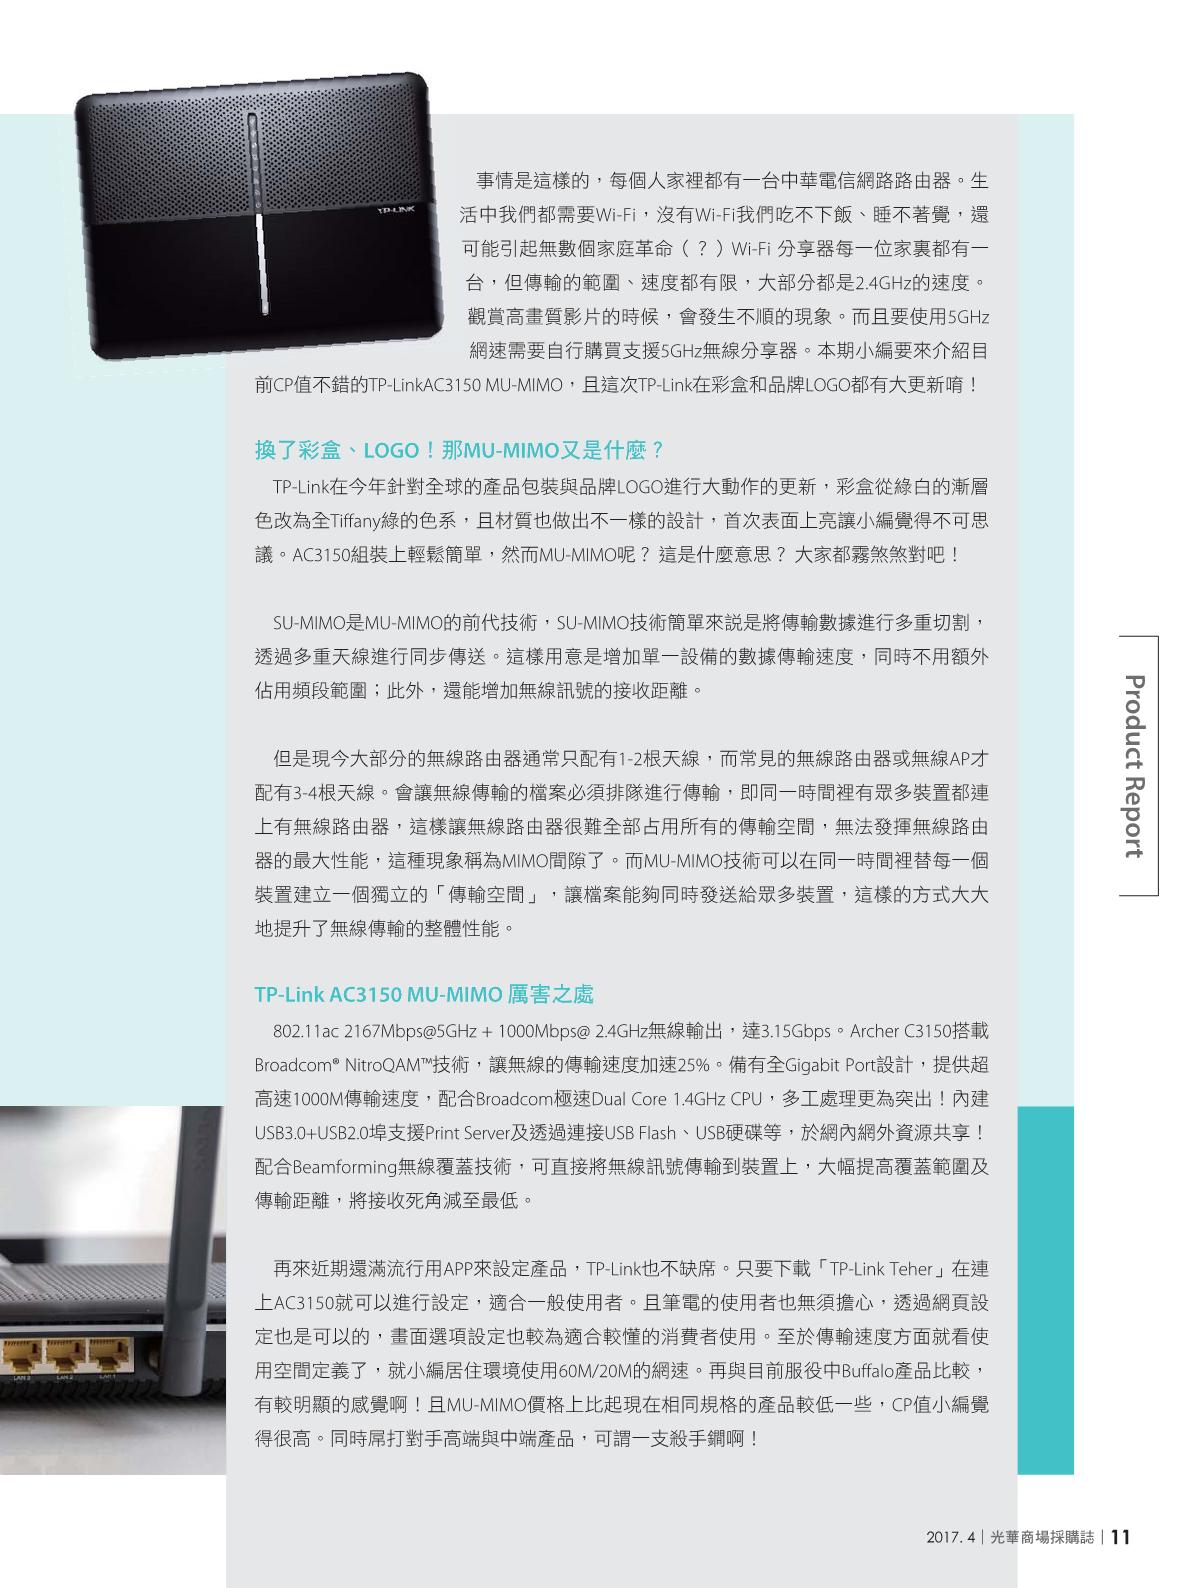 光華商場採購誌2017年4月號13.png